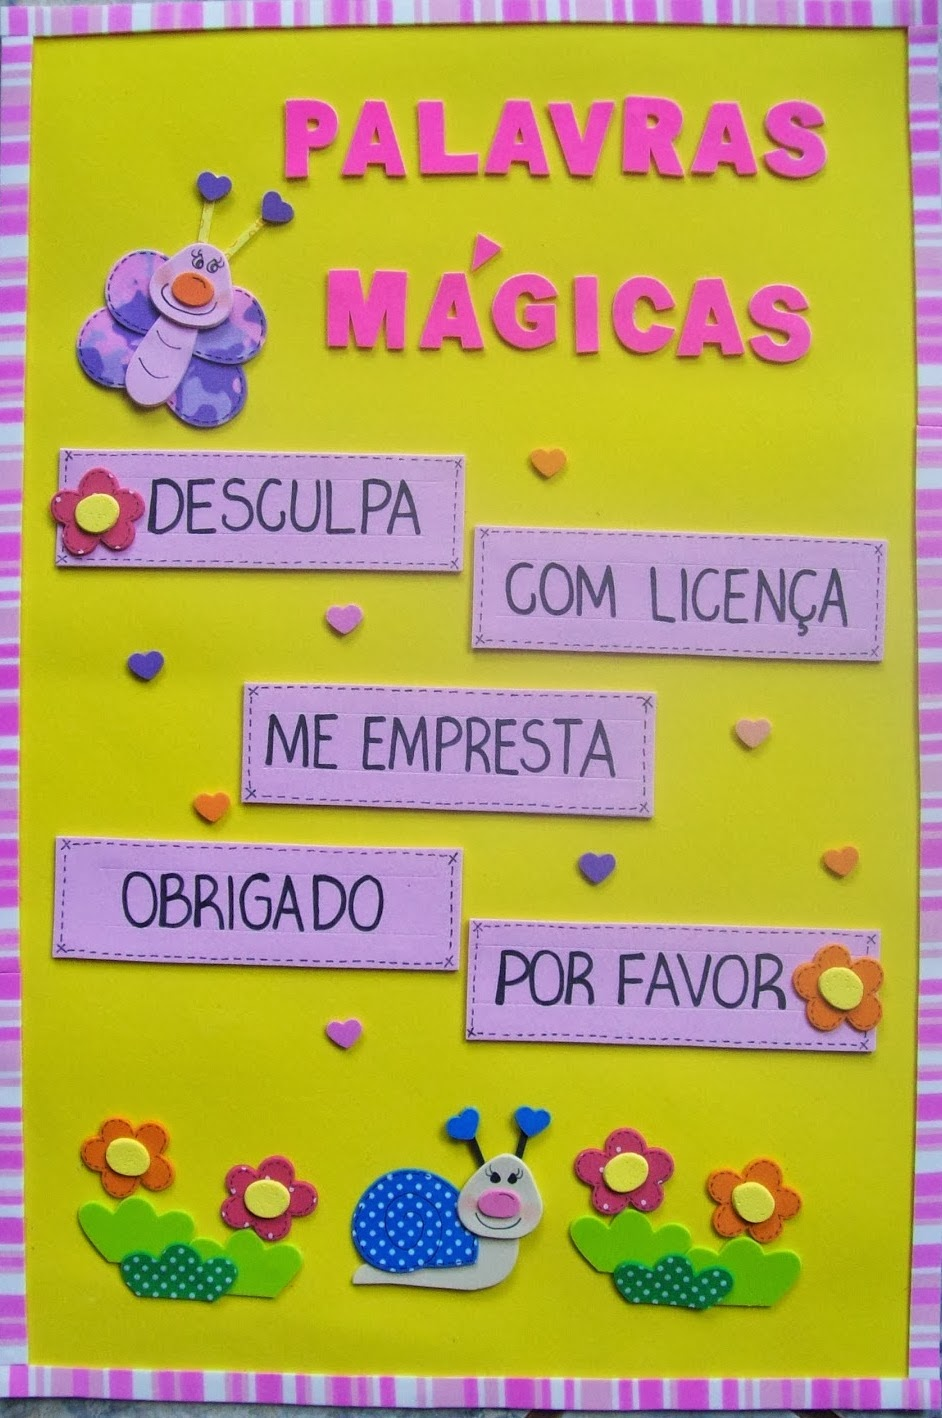 Excepcional Ensinando com Carinho: Palavras Mágicas em EVA NX06